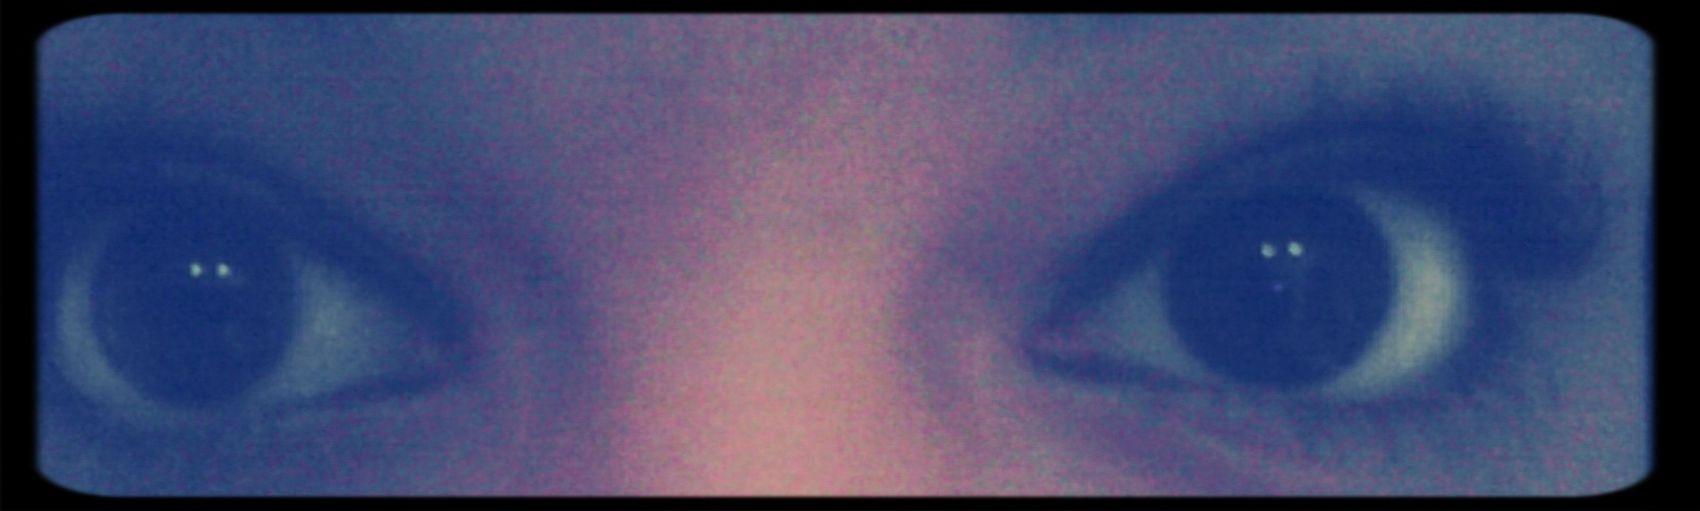 Dans mes yeux tu y trouve de la haine,de la colère, de la tristesse , mais tu peit aussi y trouver de l'amour ;) Portrait Les Yeux Noirs Mes Yeux Eyes